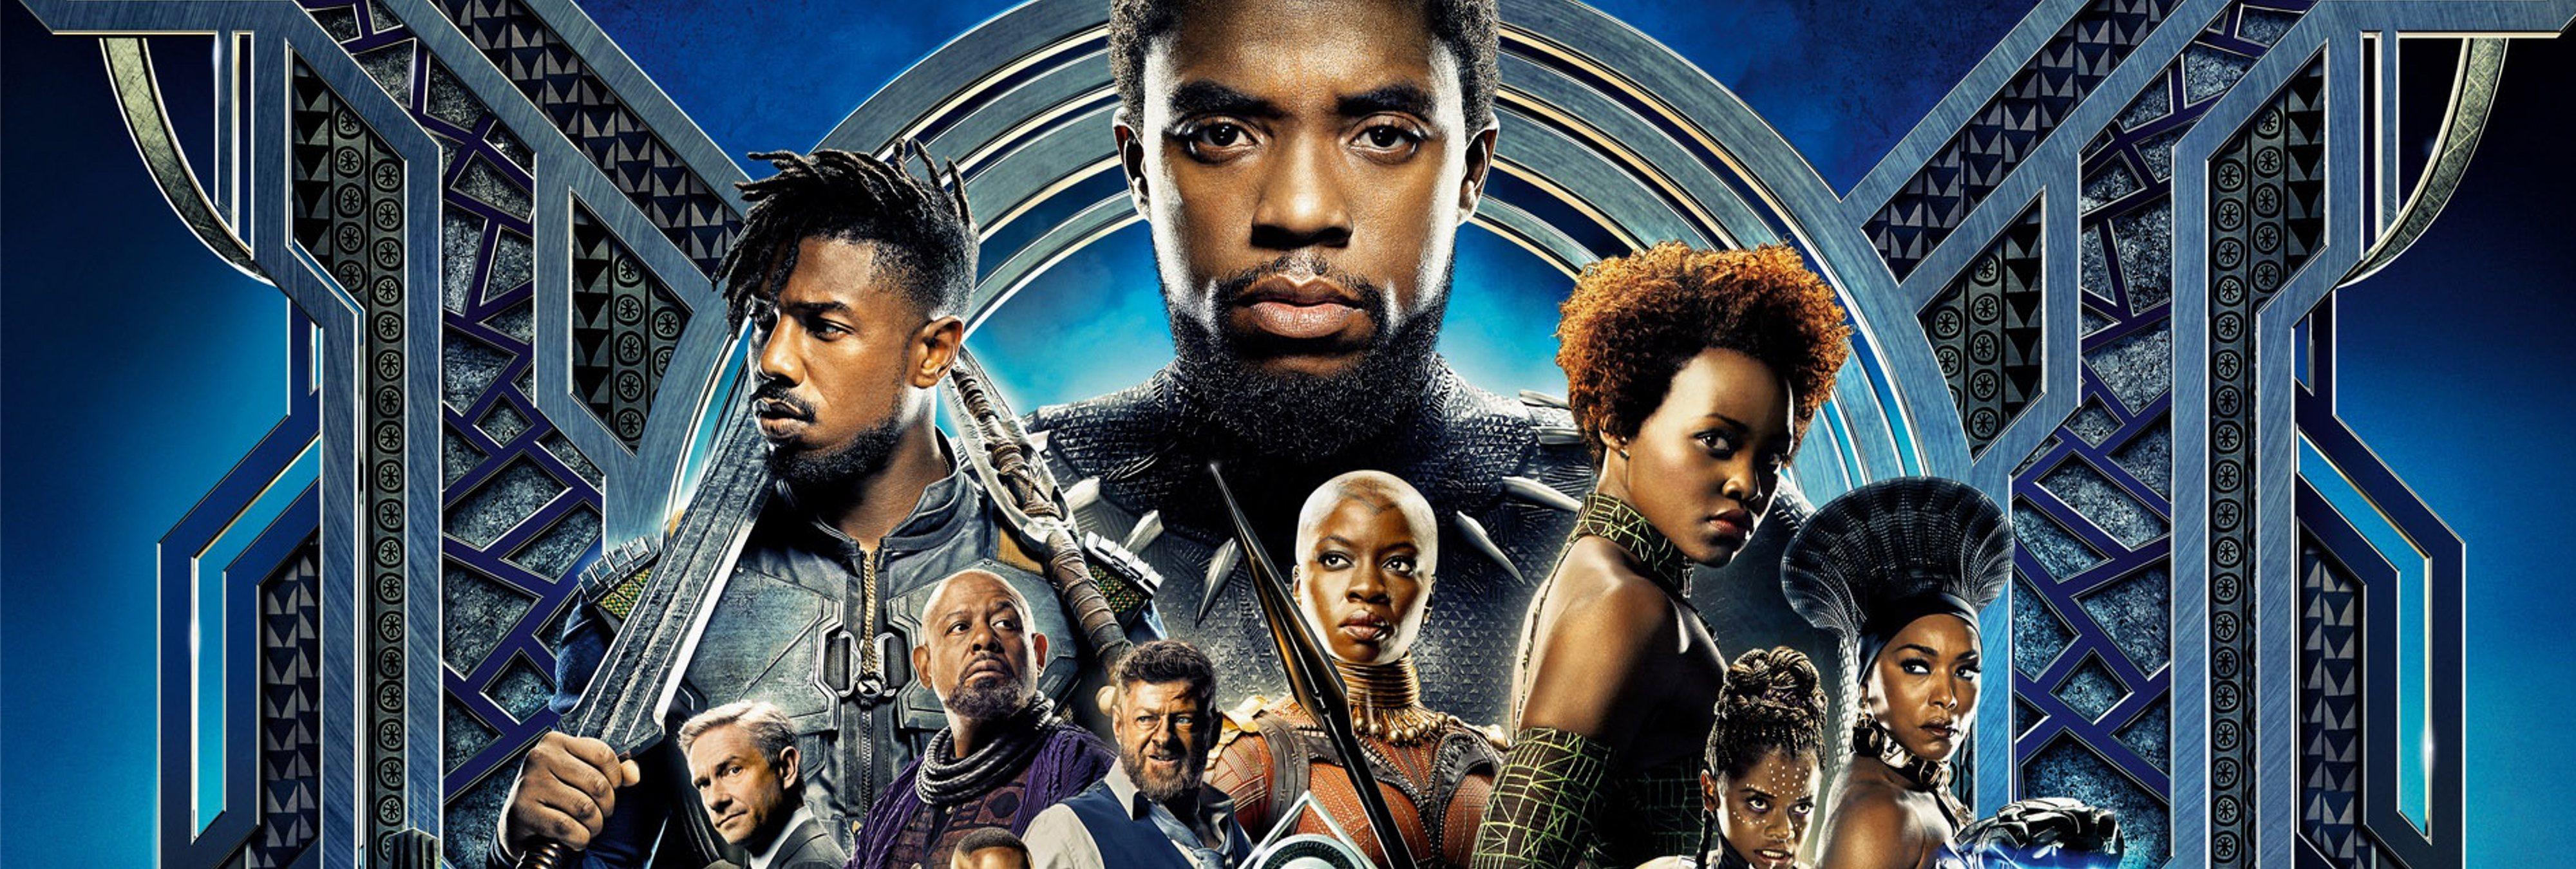 Denuncian falsas agresiones de gente negra a blanca en los pases de 'Black Panther'